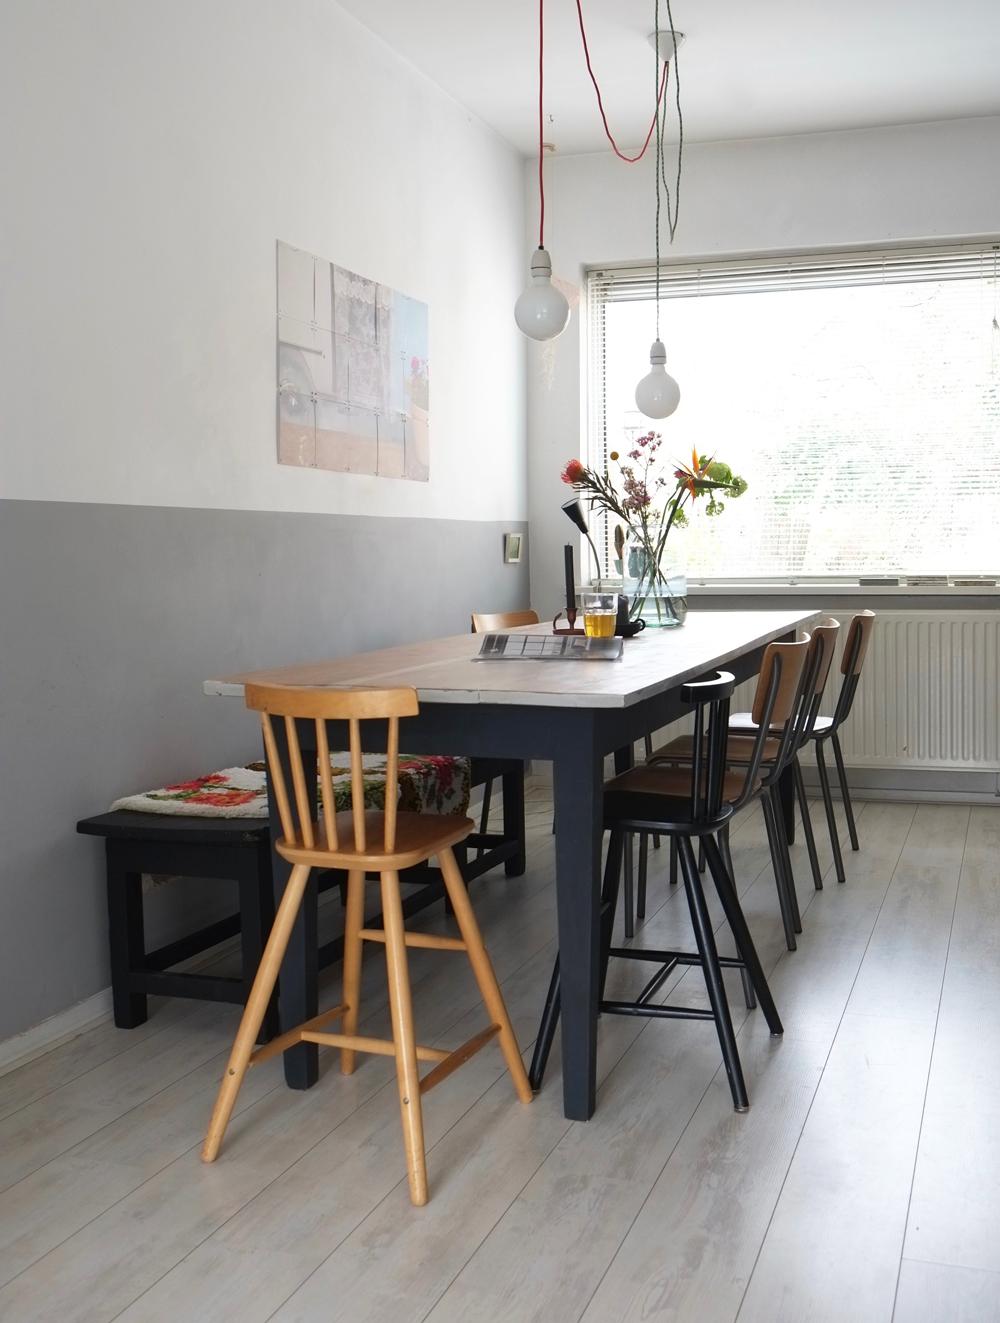 Pimpelwit Interieurontwerp- eettafel- styling-bloemen-kanderlaar-houten tafel-kleedjes-schoolstoel